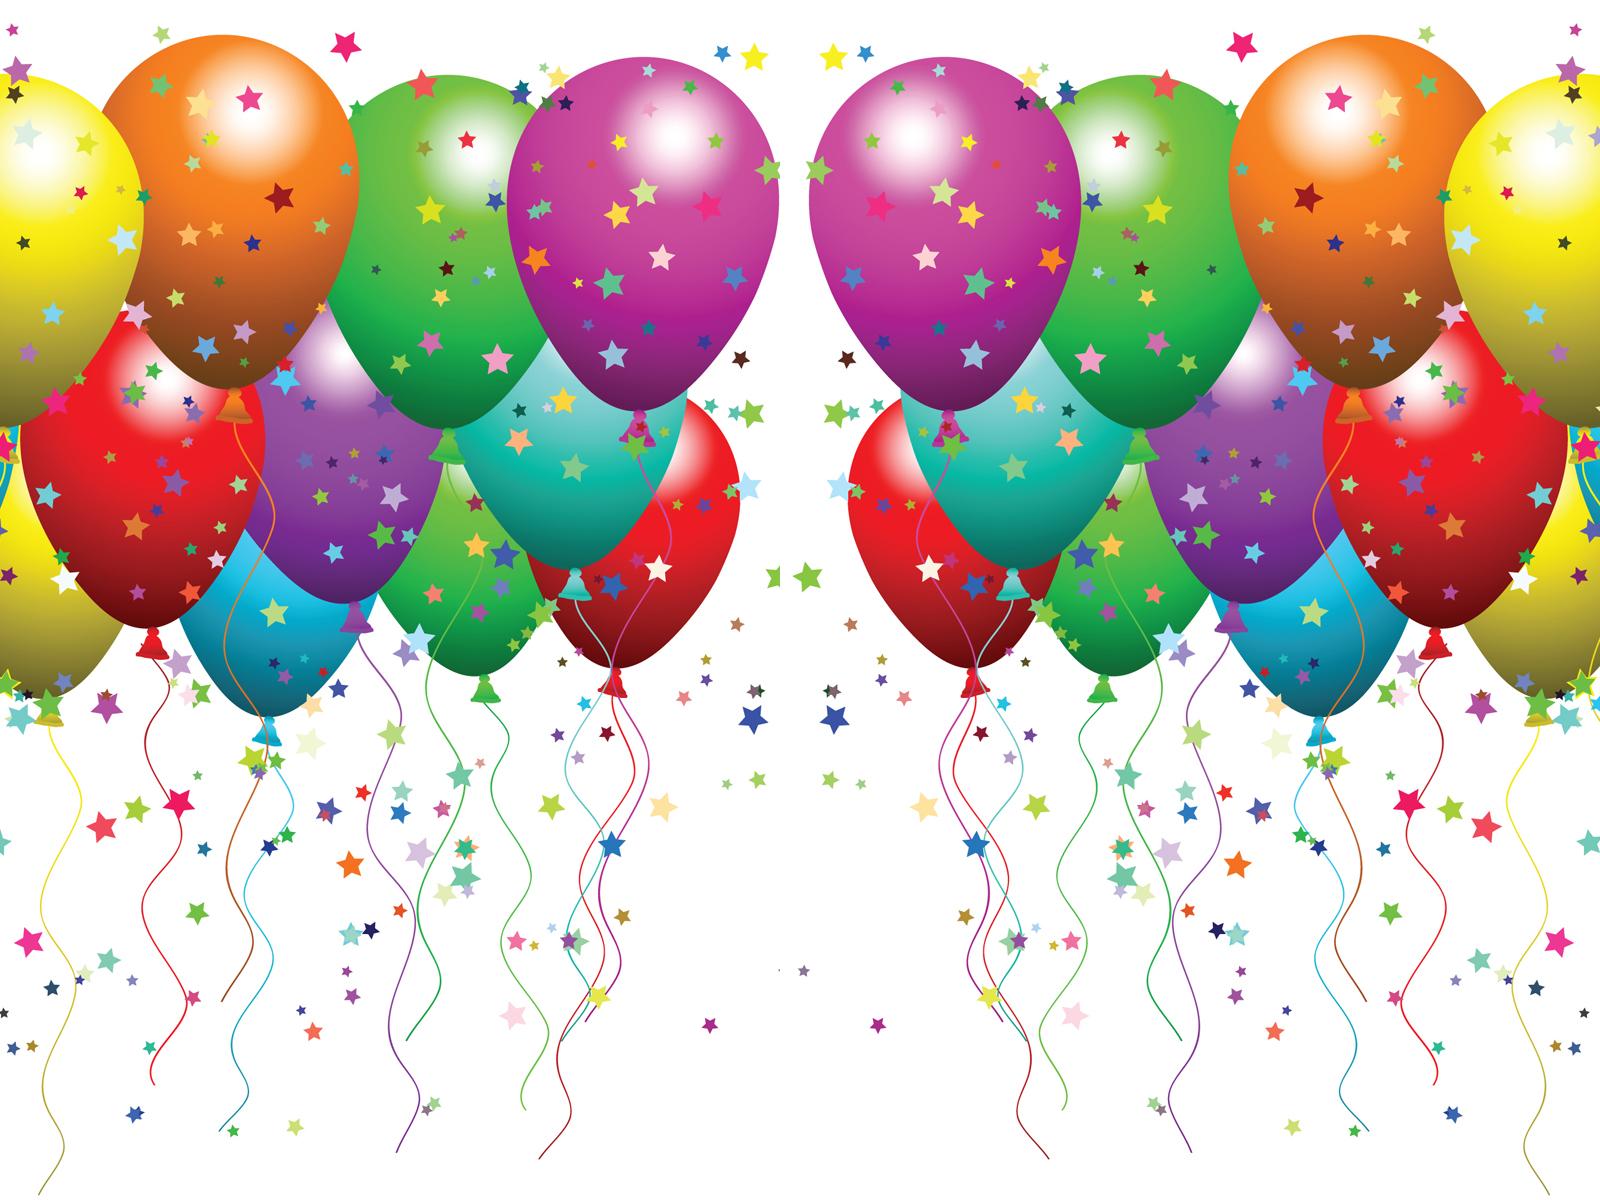 Poinsettia clipart balloon Balloon Art art Balloon Border